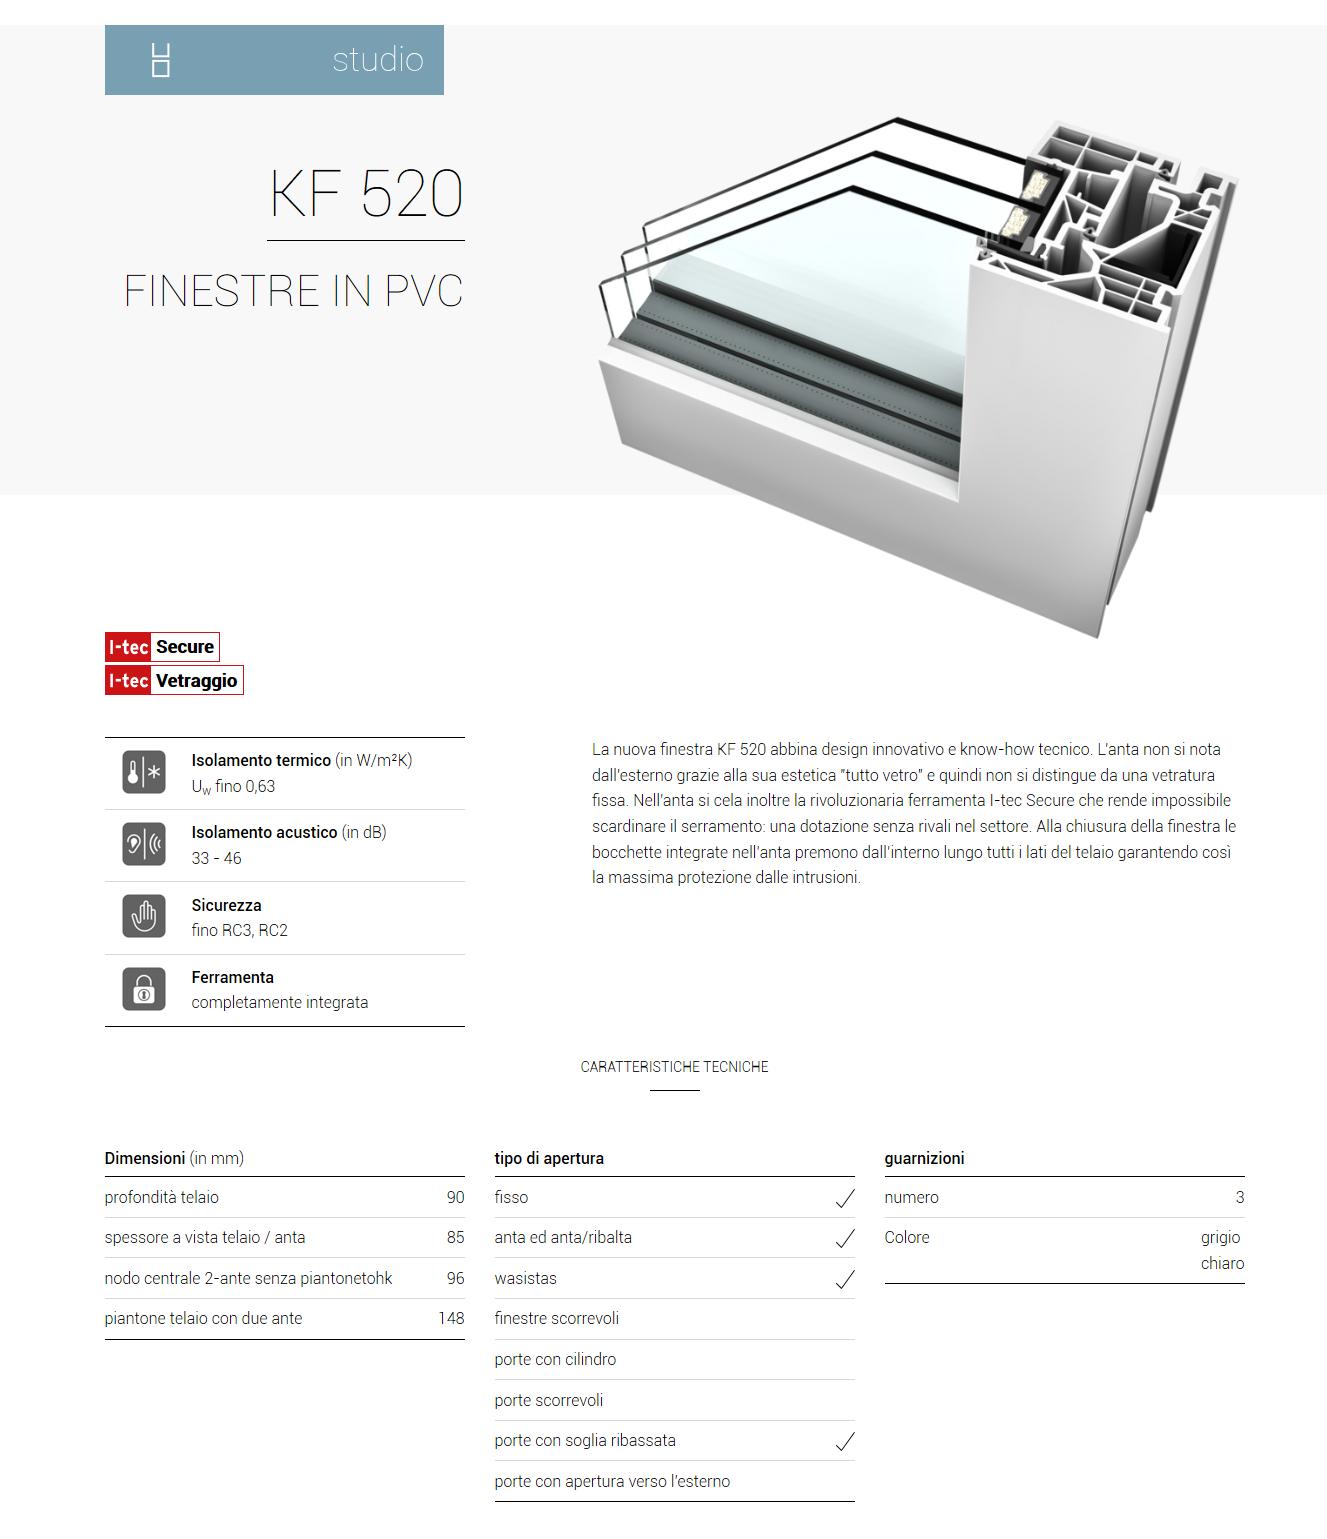 kf 520 studio